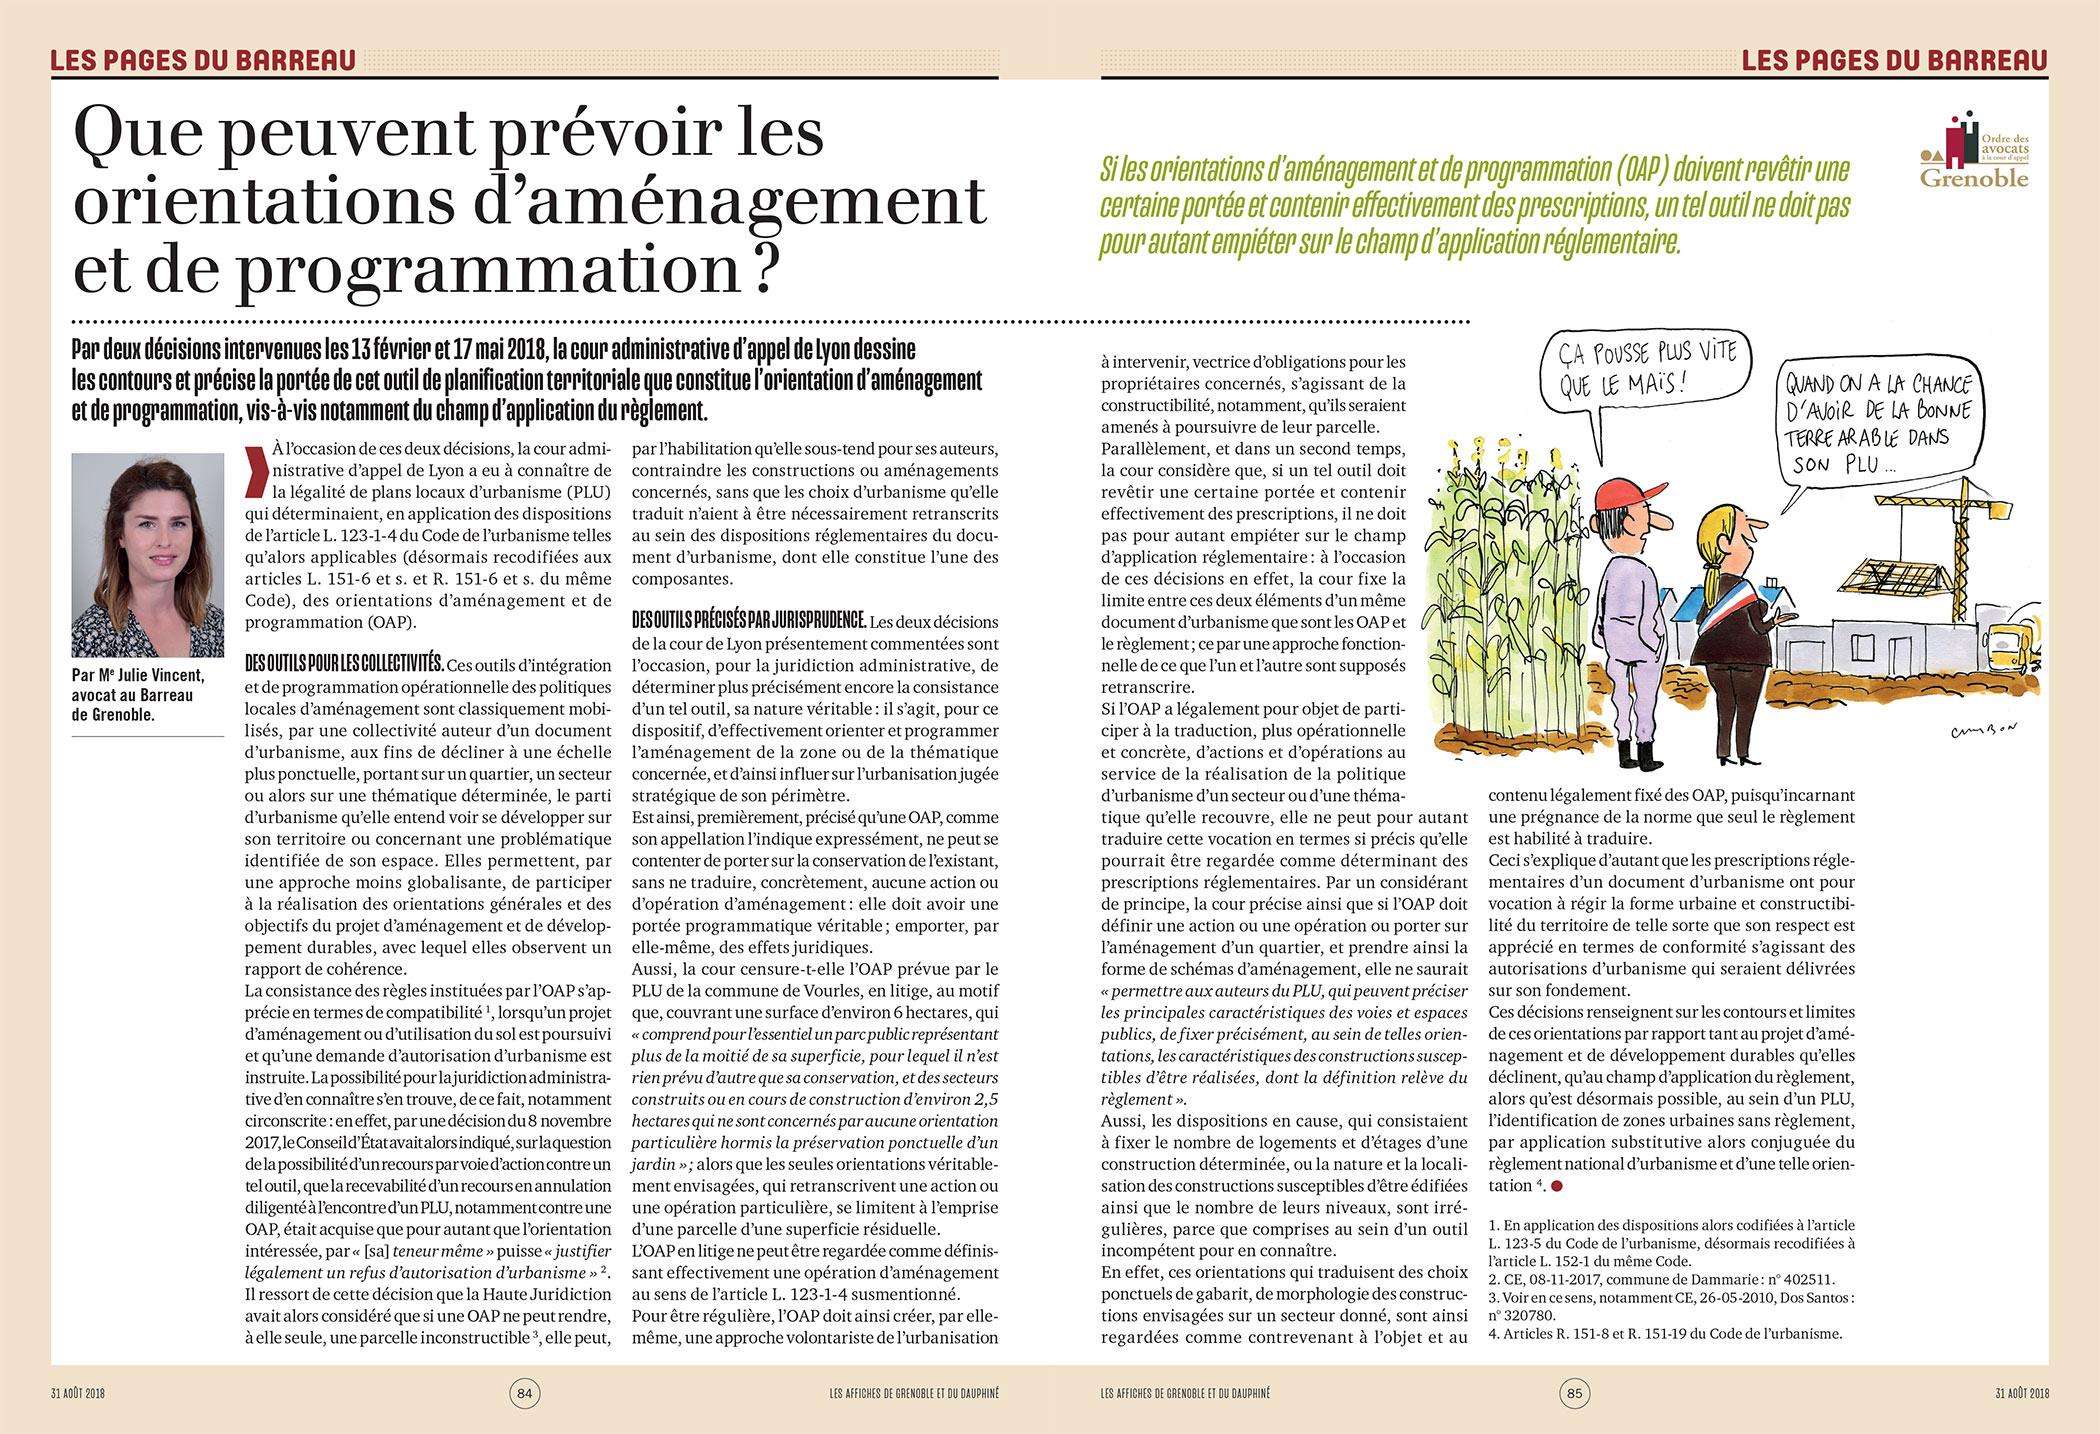 Les pages du barreau : Que peuvent prévoir les orientations d'aménagement et de programmation ?